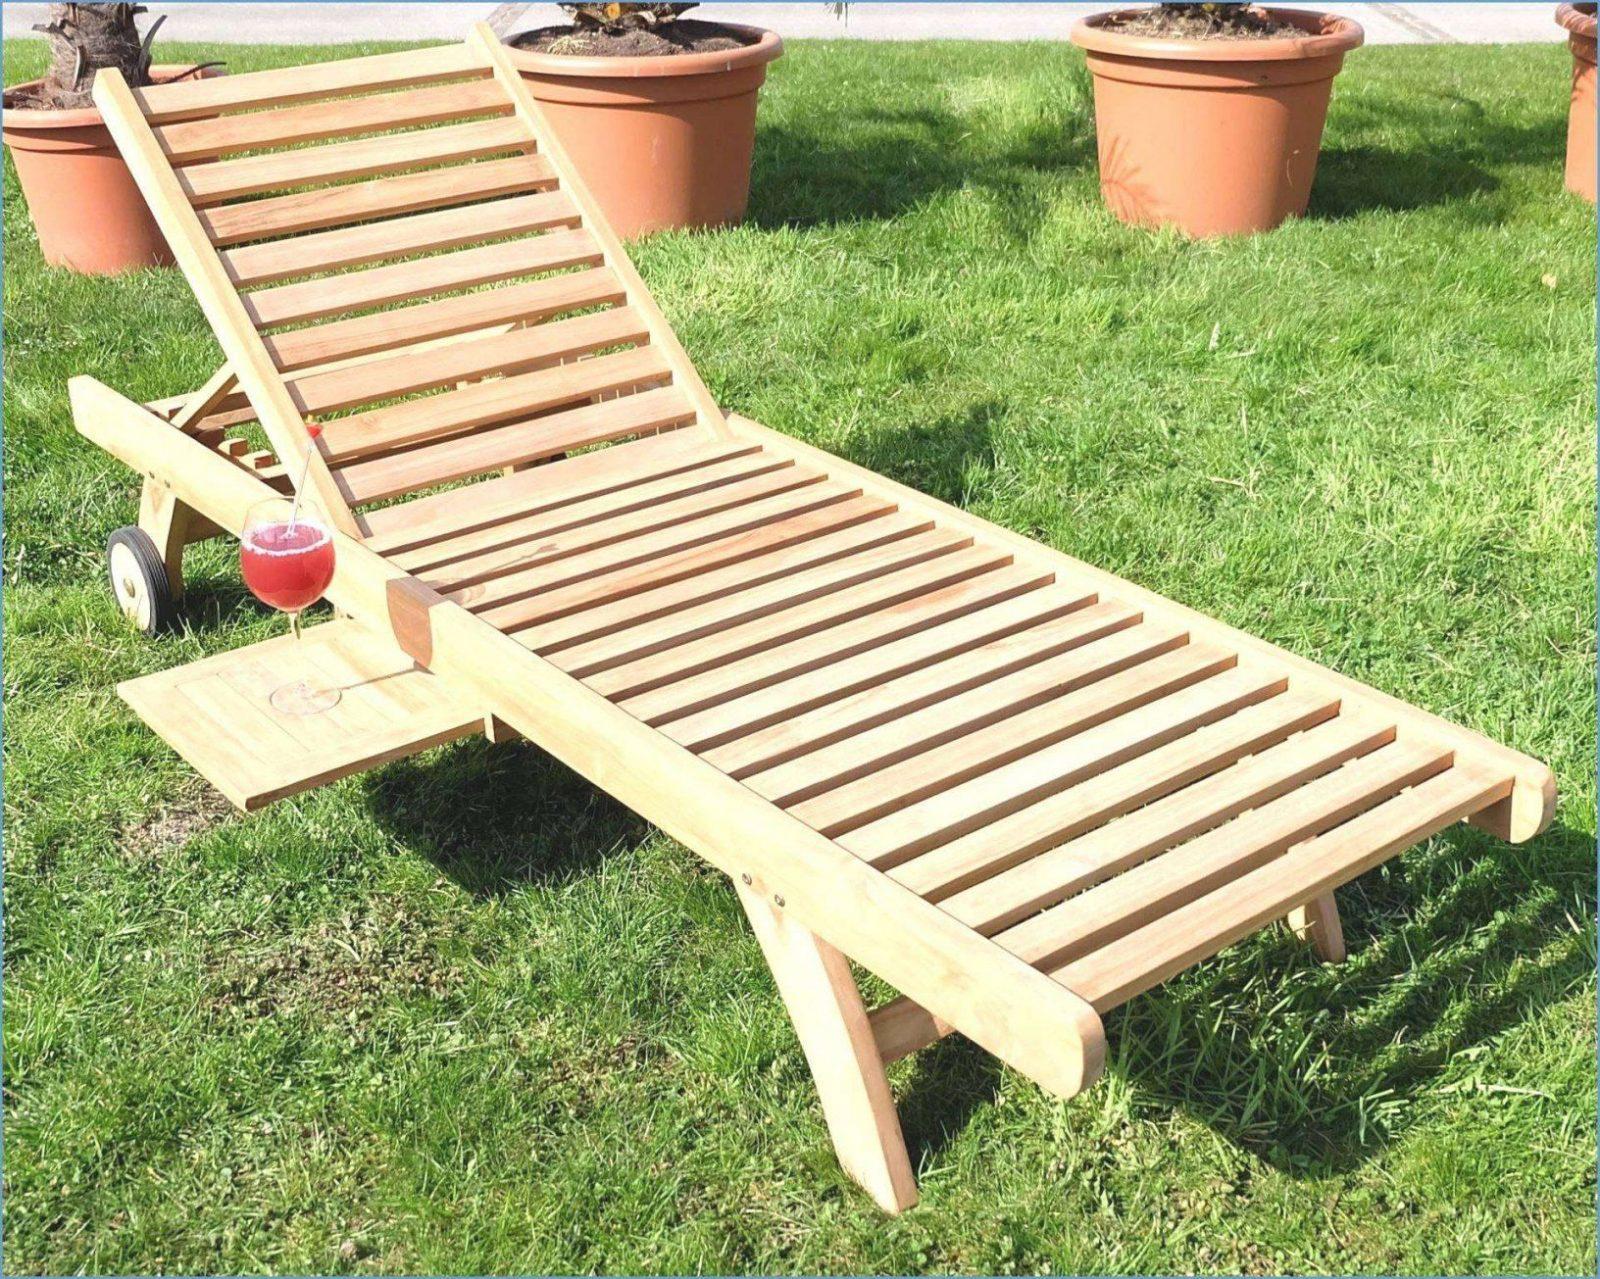 Gartenliege Holz Selber Bauen Gartenliege Holz Selber Von Design von Holz Gartenliege Selber Bauen Photo